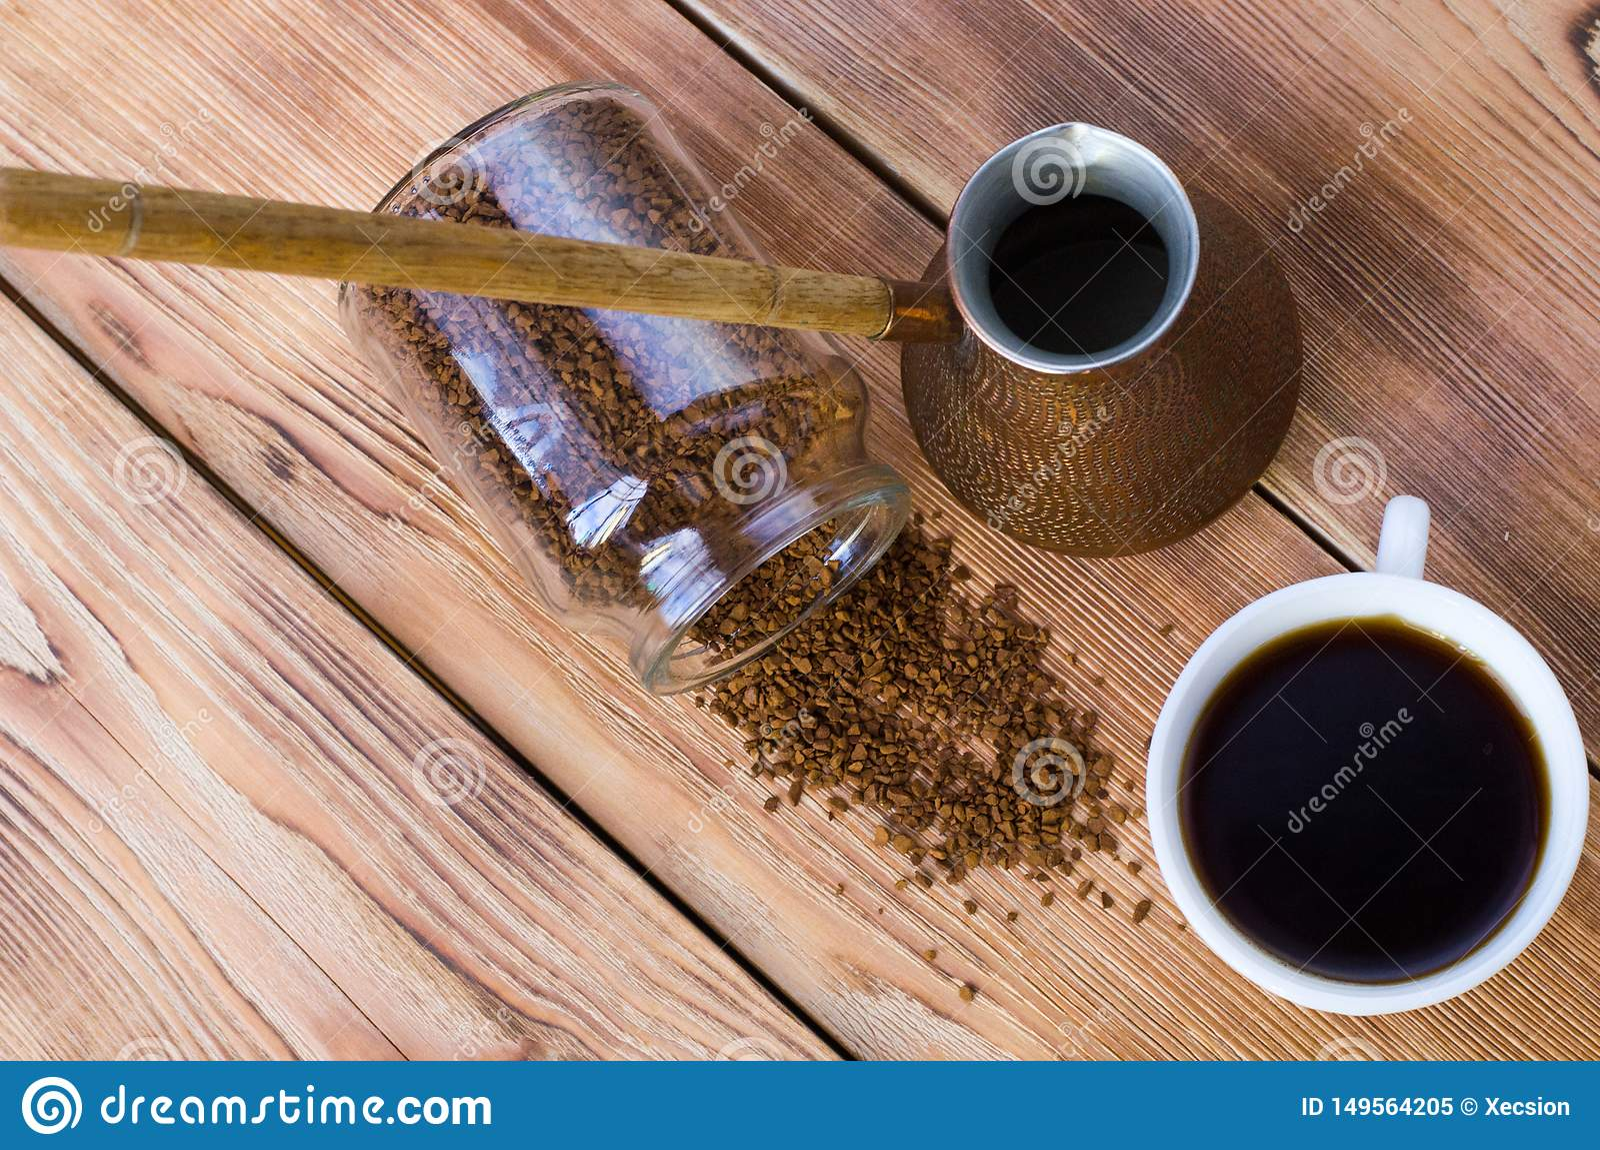 Kawa stojaki obok bia?ej fili?anki wype?niaj?cej z gor?c? kaw? w?r?d rozrzuconych kawowych fasoli, st??, odg?rny widok, horyzonta